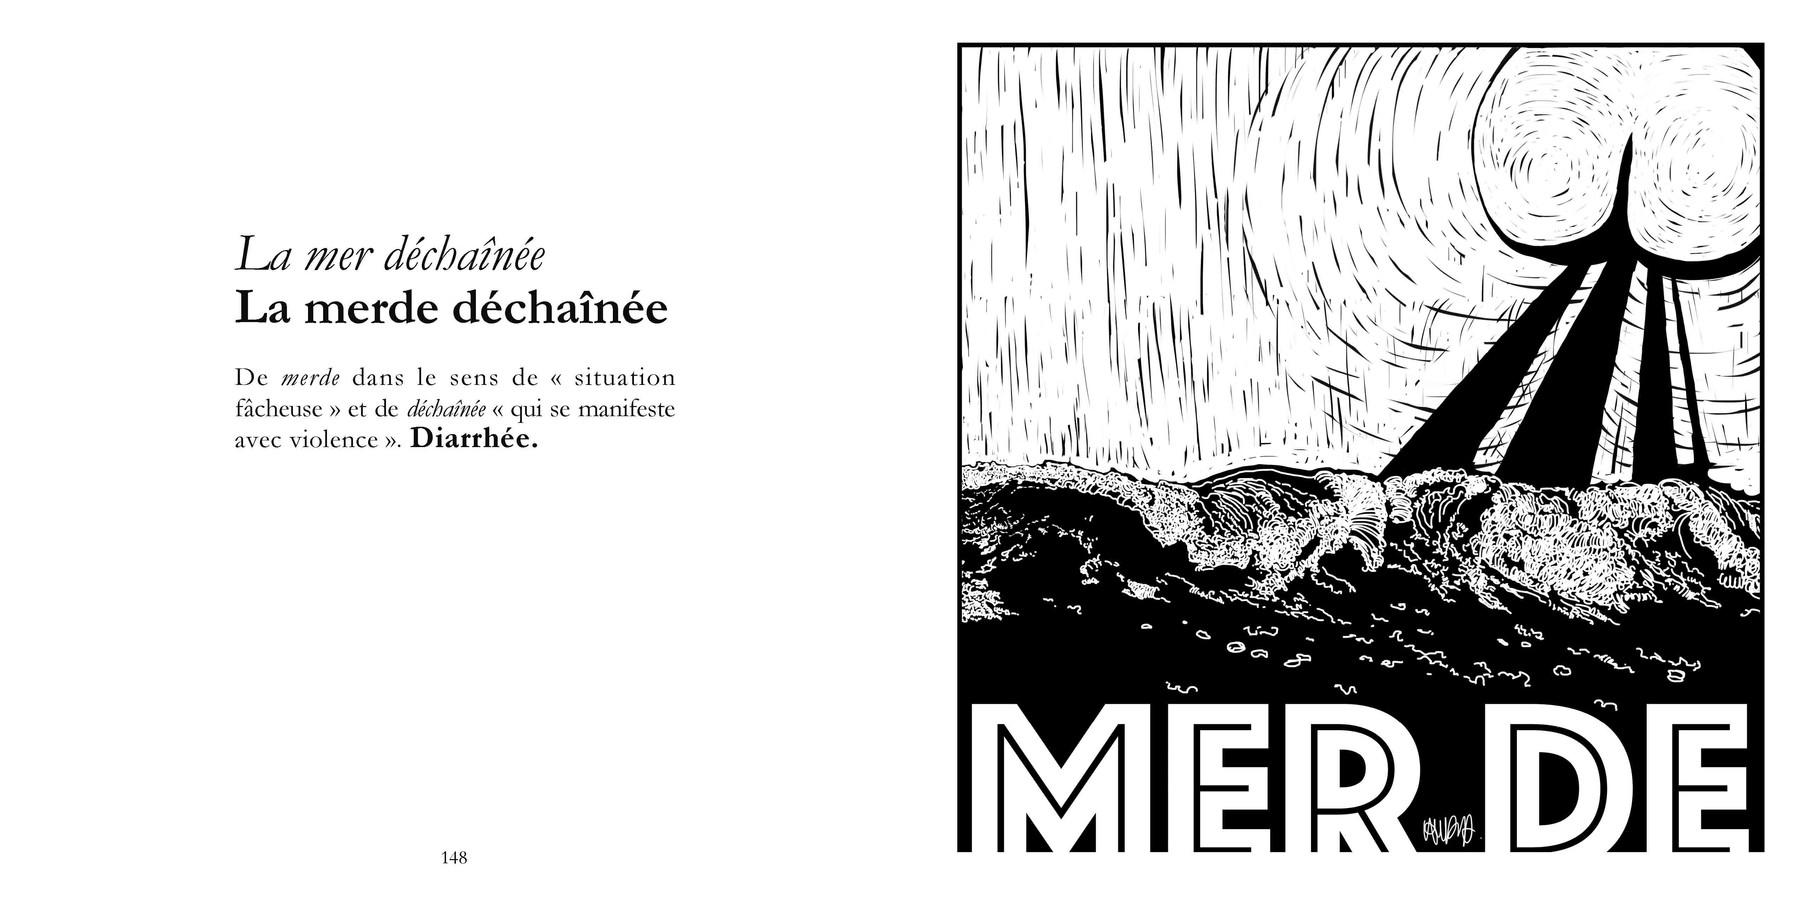 La mer déchaînée - La merde déchaînée / P 148-149 du Bestof2 -Texte Edith - Dessin Miss Gouby. Droits réservés - Reproduction interdite